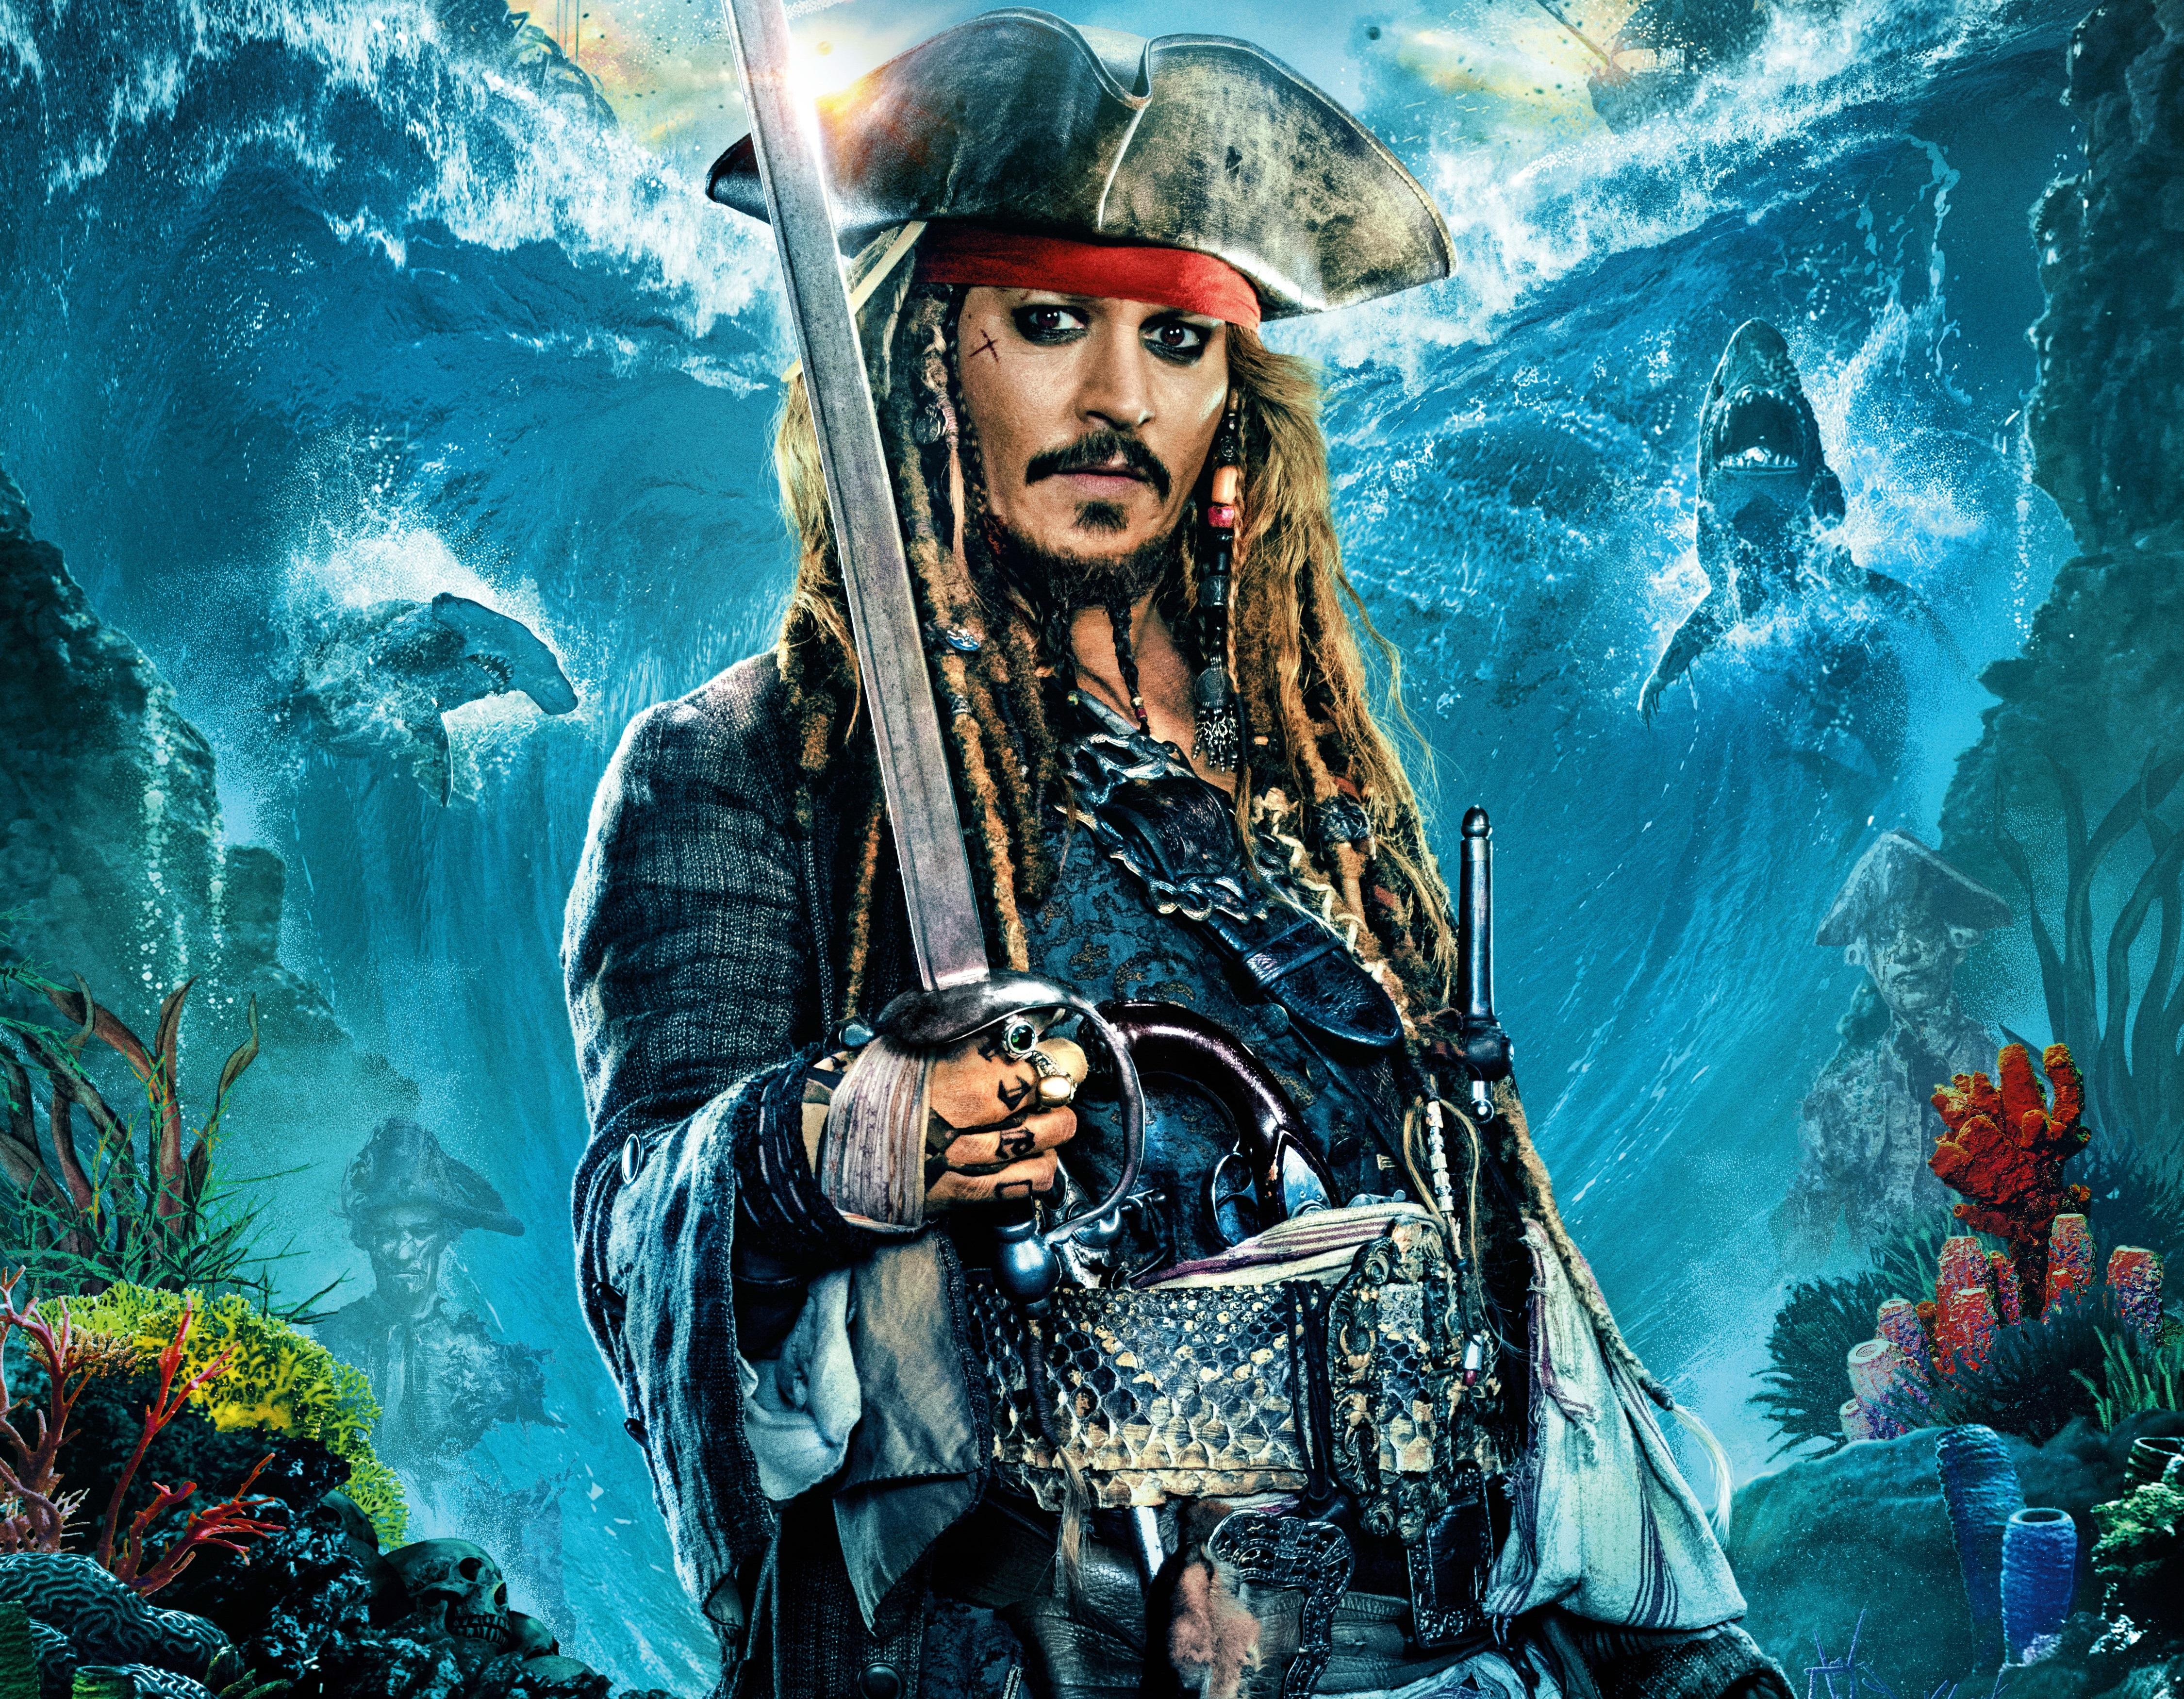 Dead Men Tell No Tales Wallpaper: Pirates Of The Caribbean: Dead Men Tell No Tales 4k Ultra